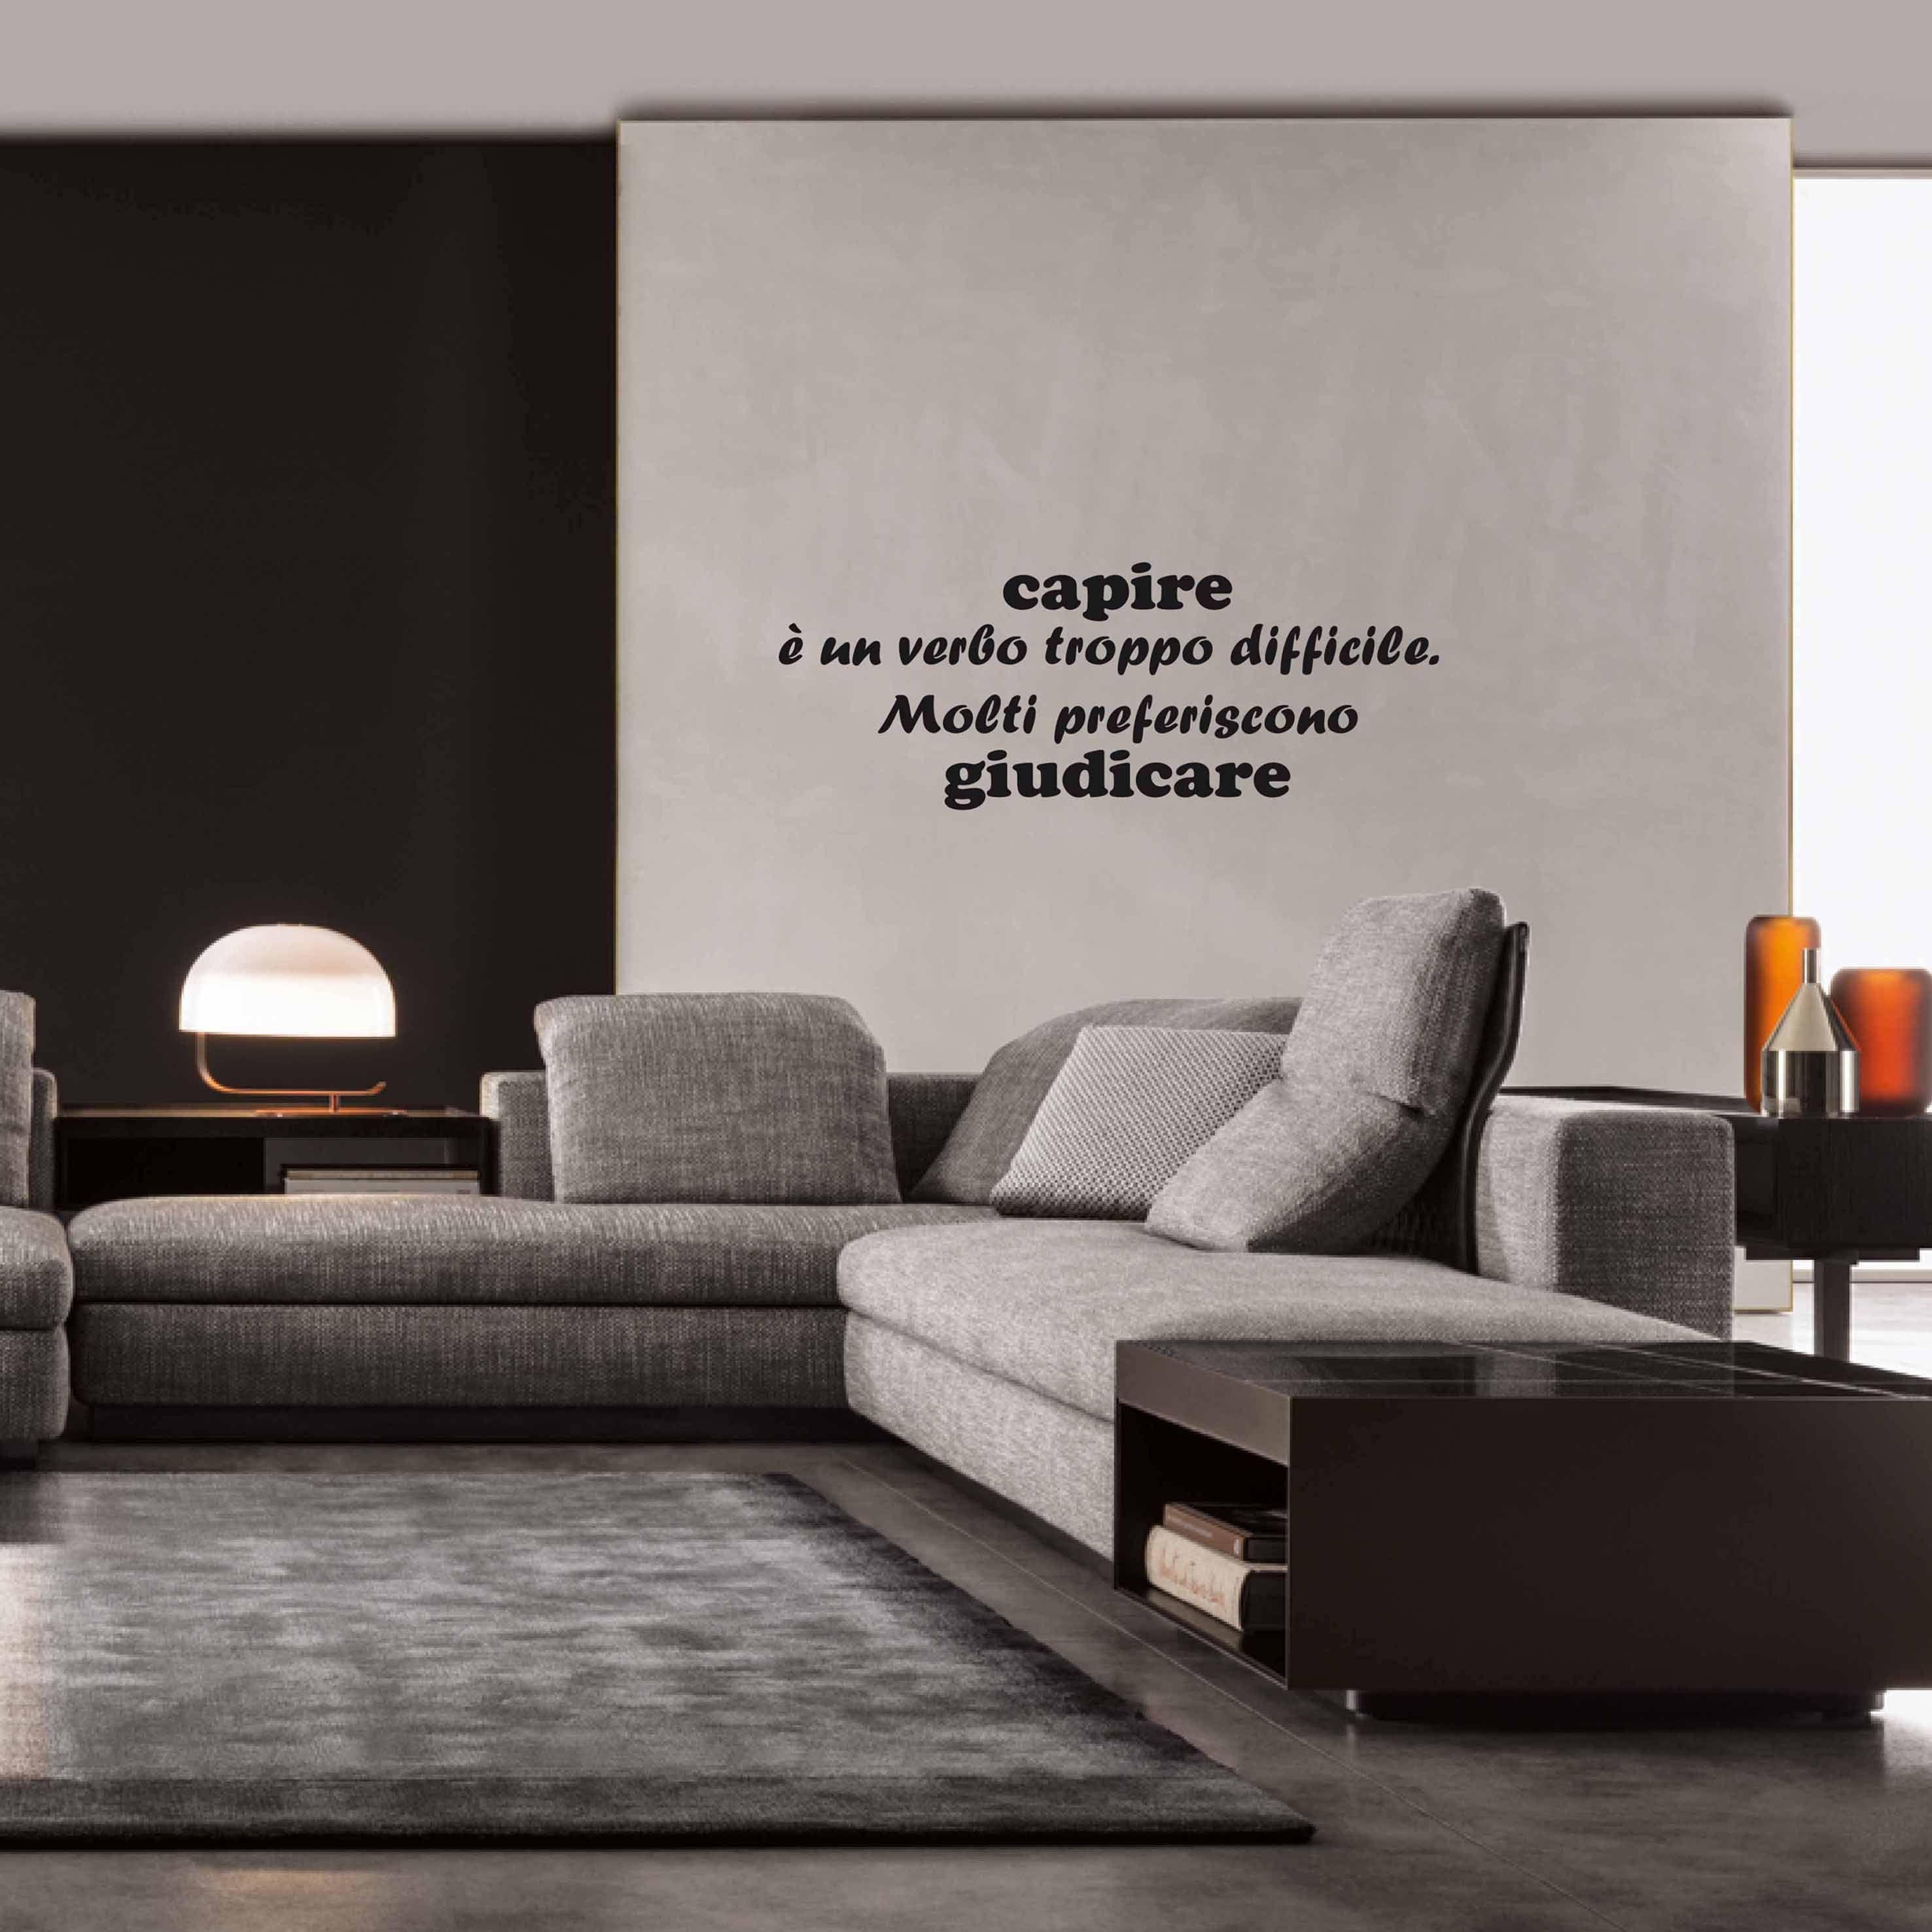 Lettere Da Appendere Al Muro citazione - adesivi murali, scritte adesive, scritte